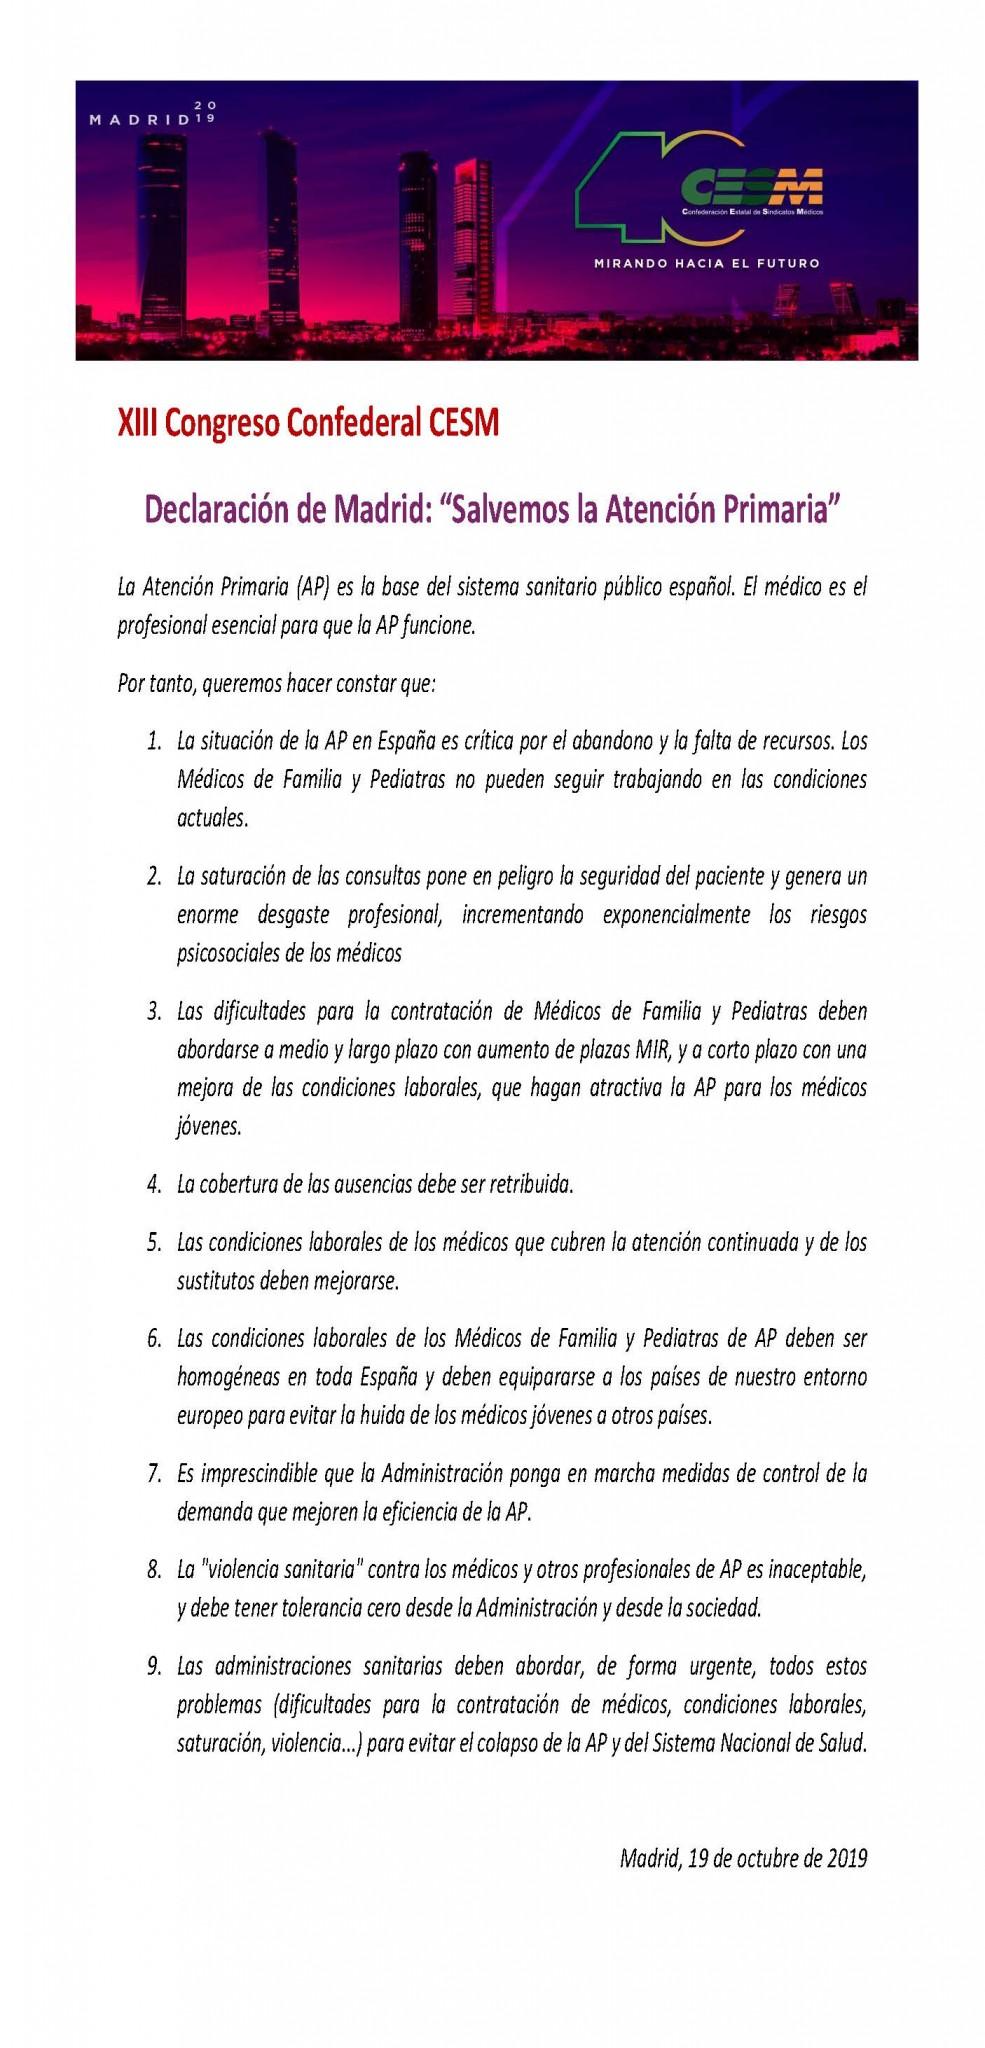 Declaración de Madrid XIII Congreso Confederal CESM